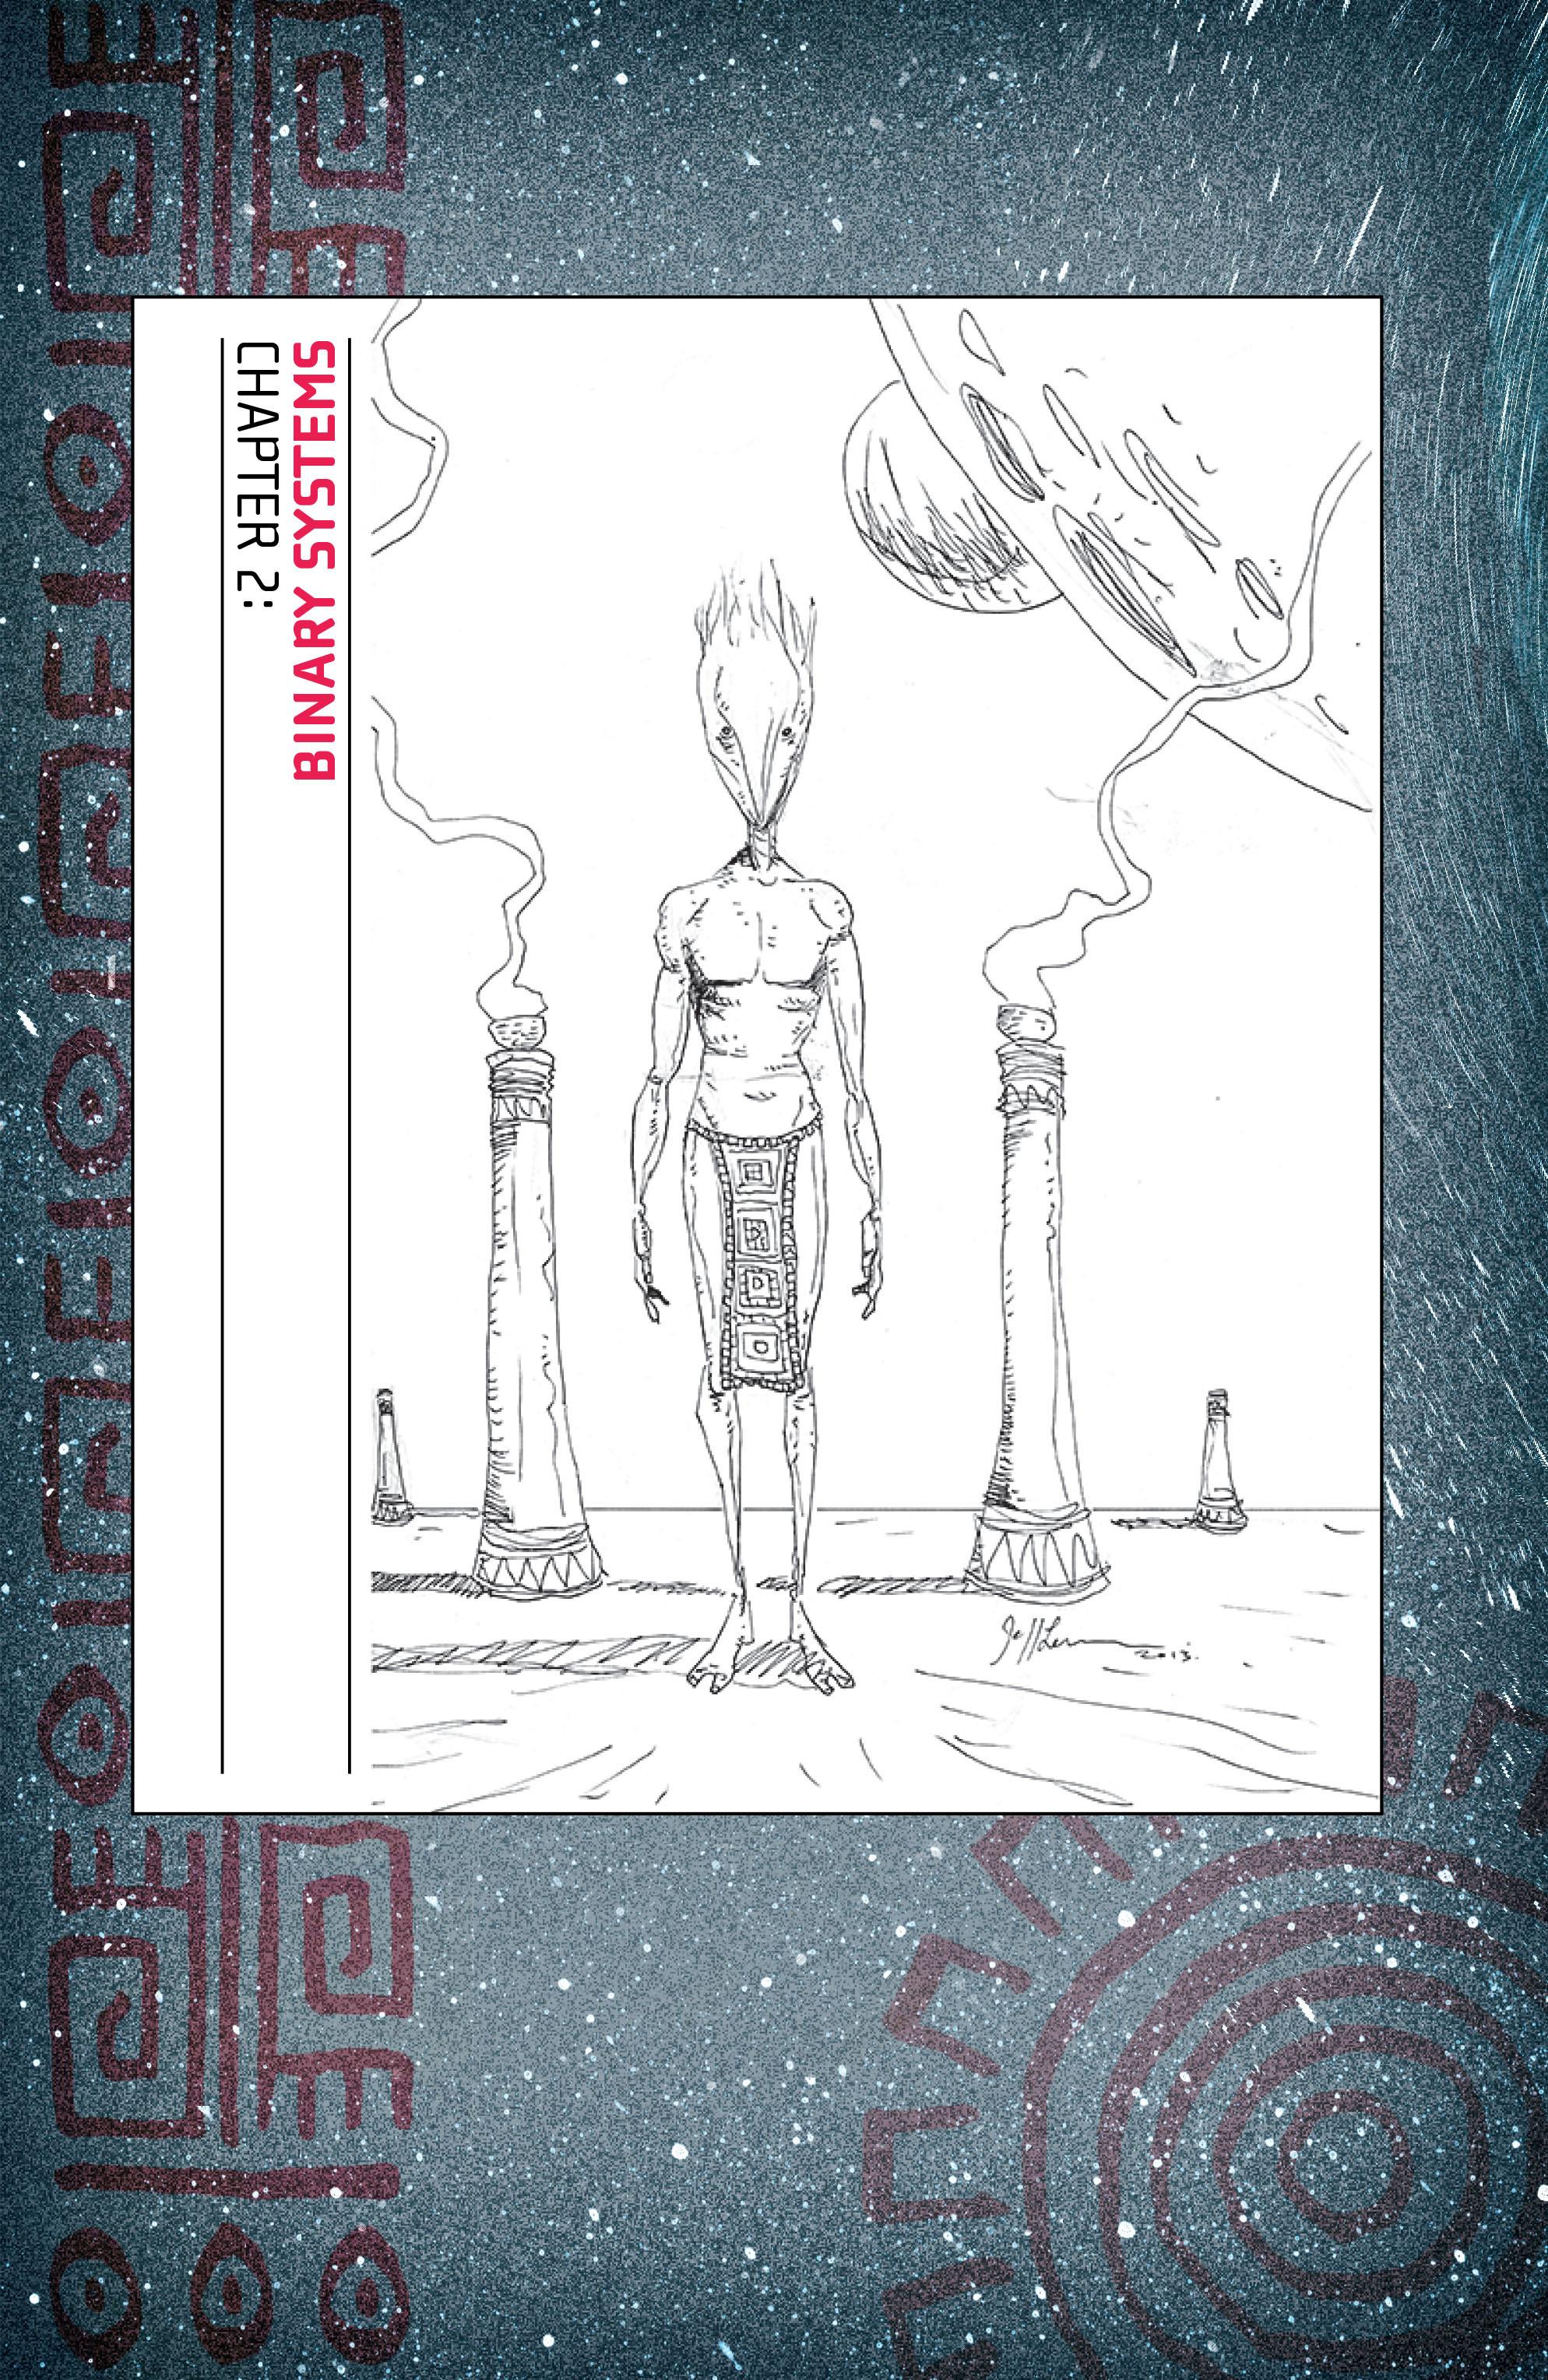 Read online Trillium comic -  Issue # TPB - 36